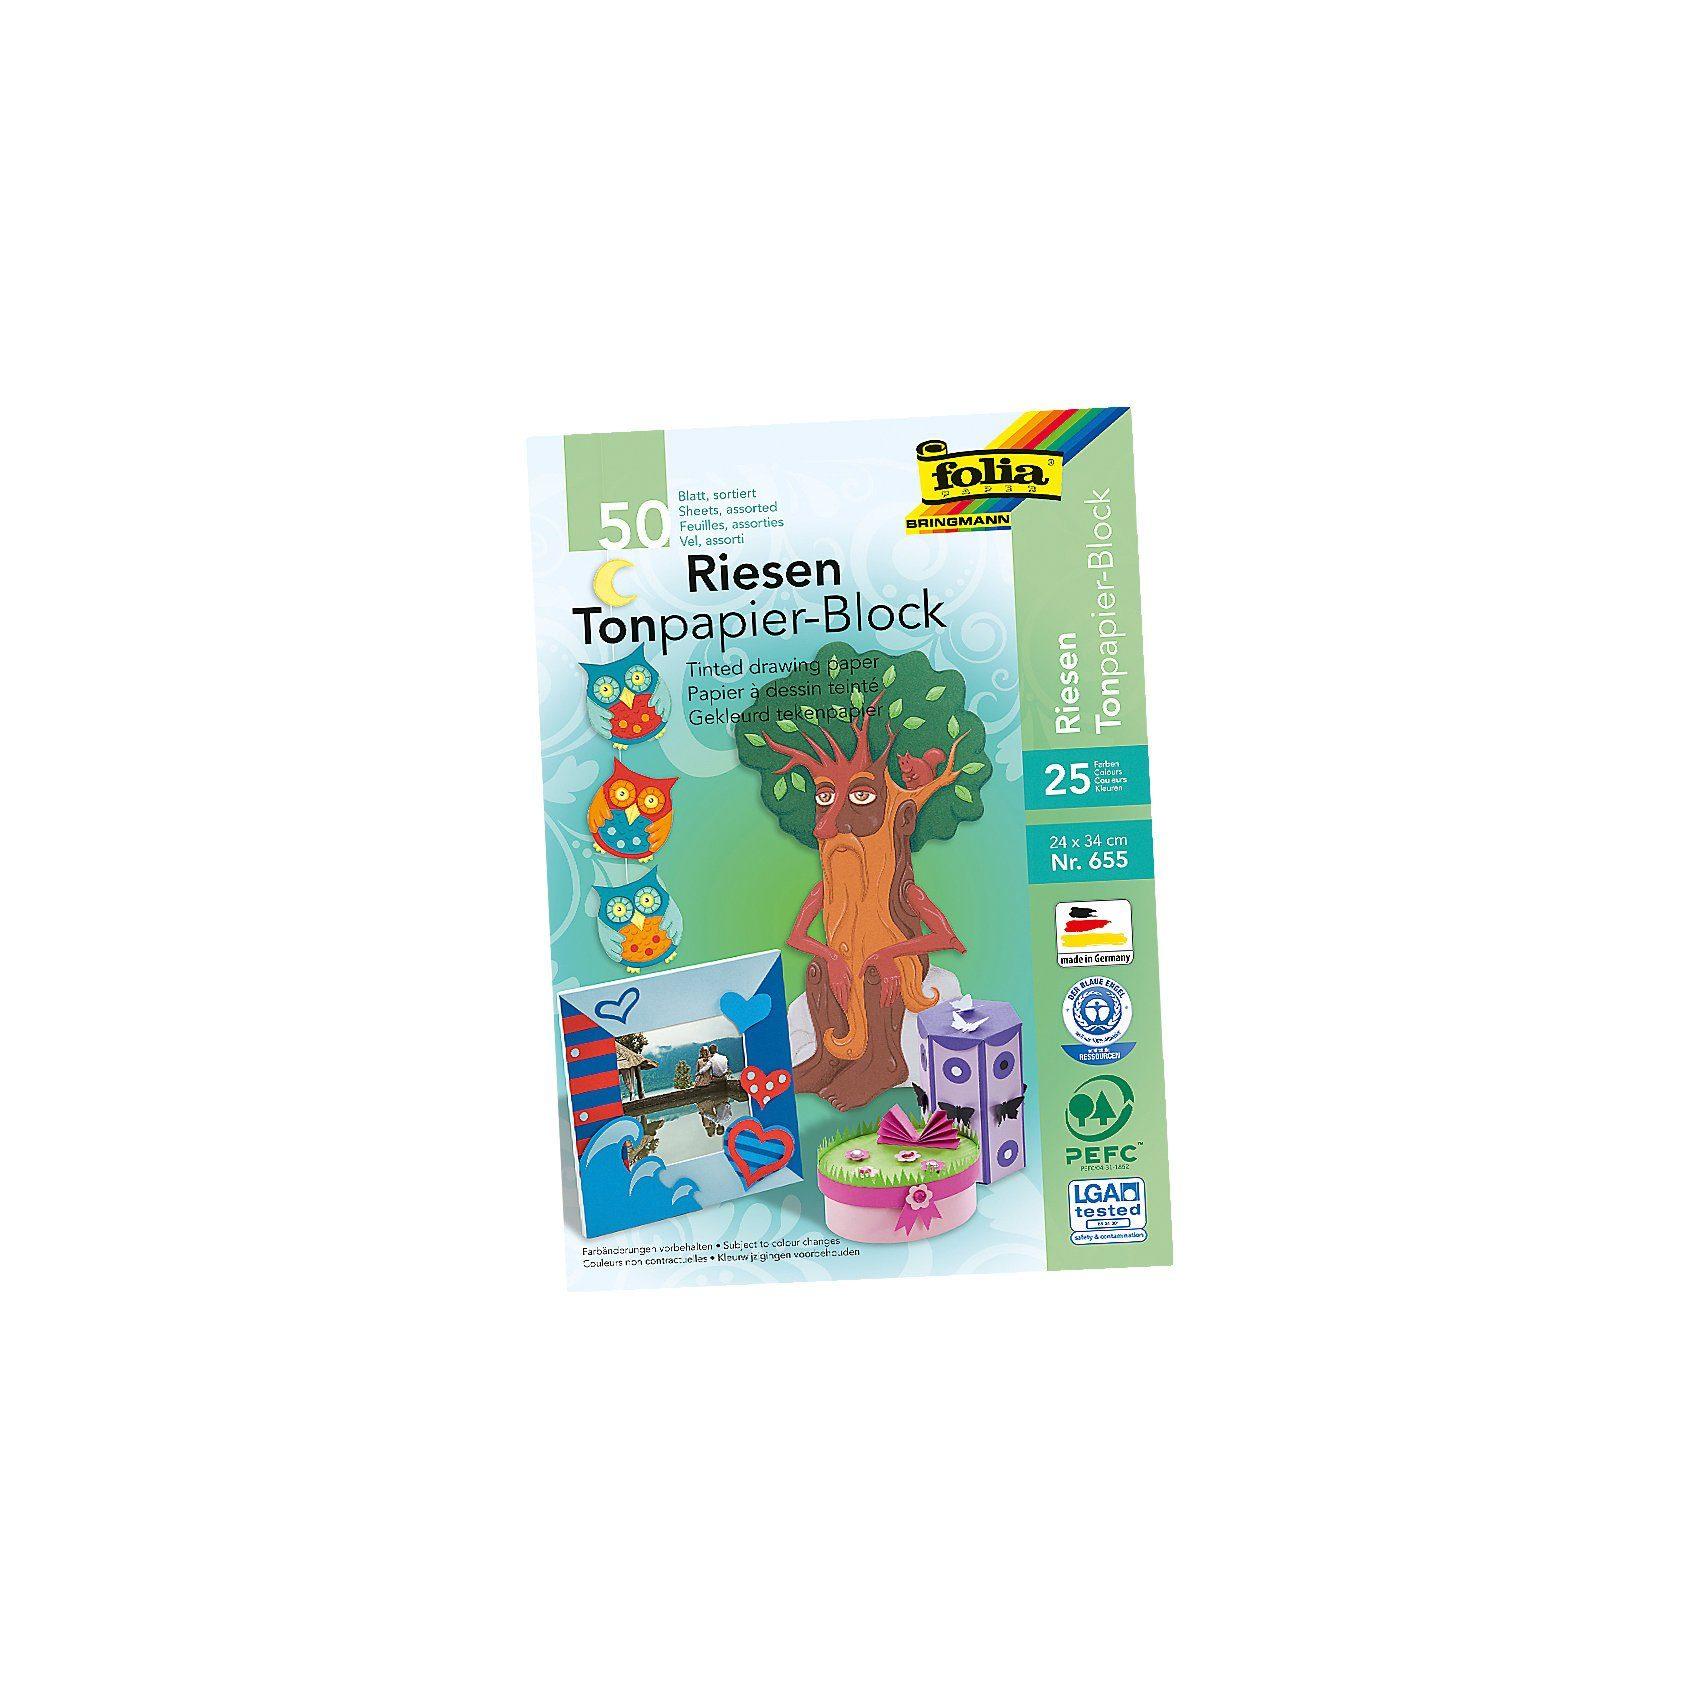 Folia Tonpapier Riesenblock, 25 Farben, 50 Blatt